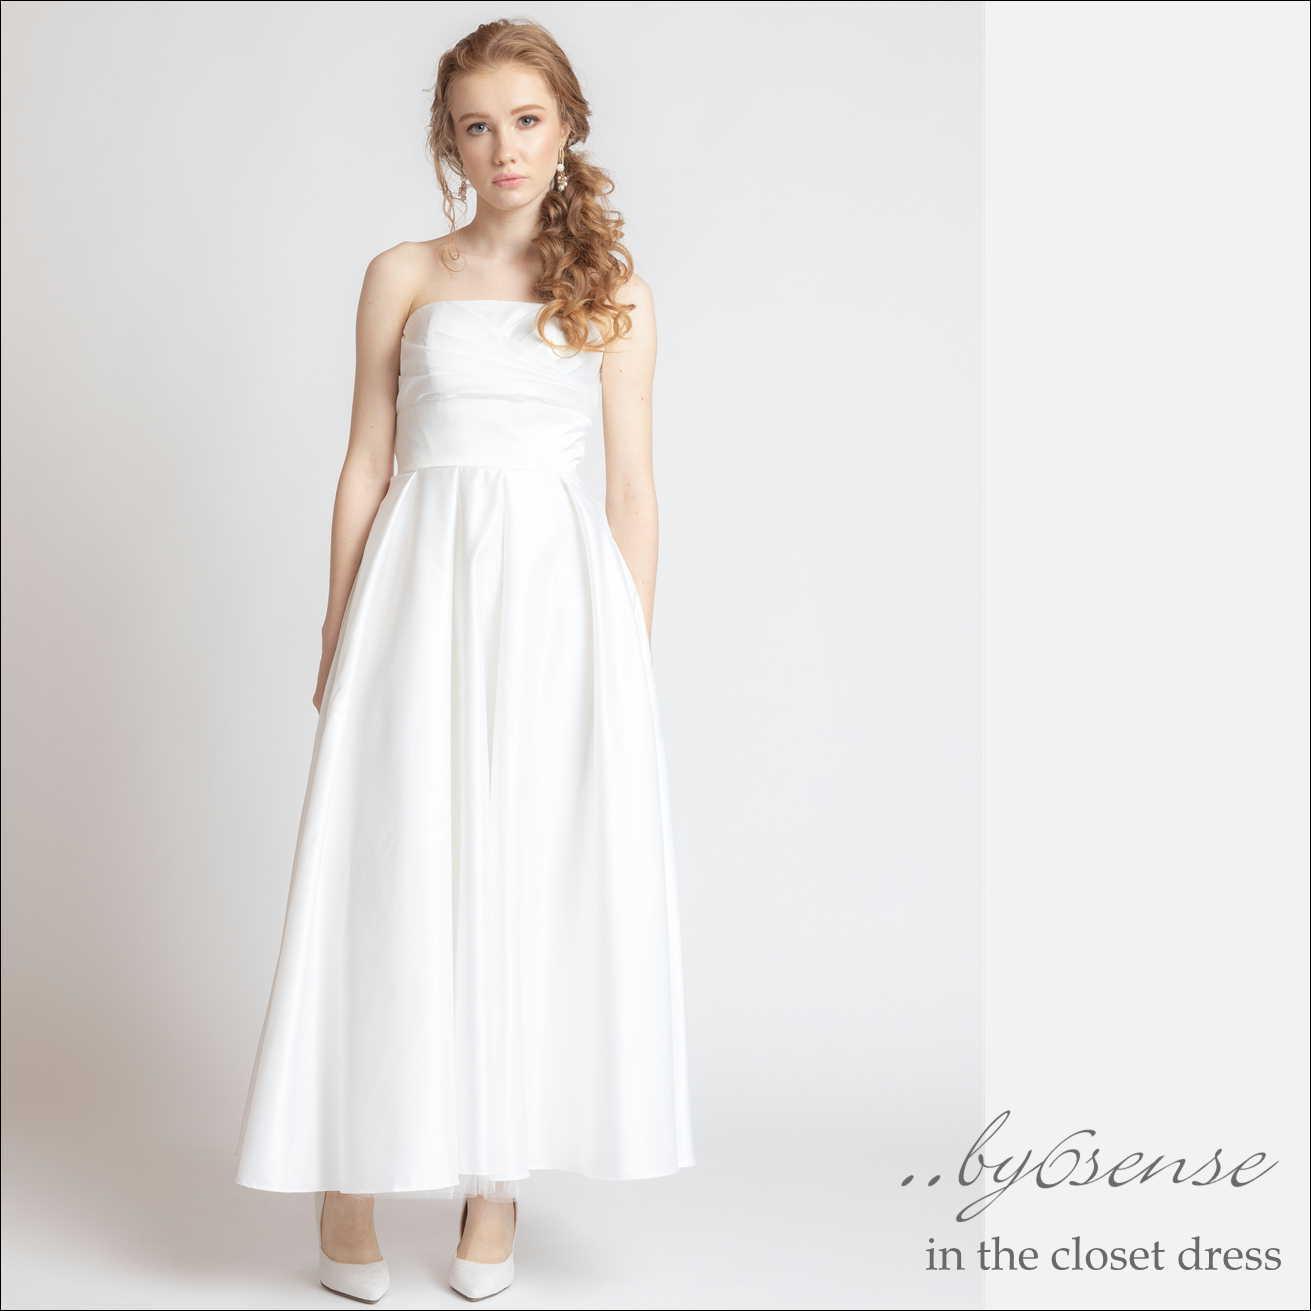 ロングサテンドレスドレス 結婚式 パーティー ロング丈 花嫁 イブニングドレス white